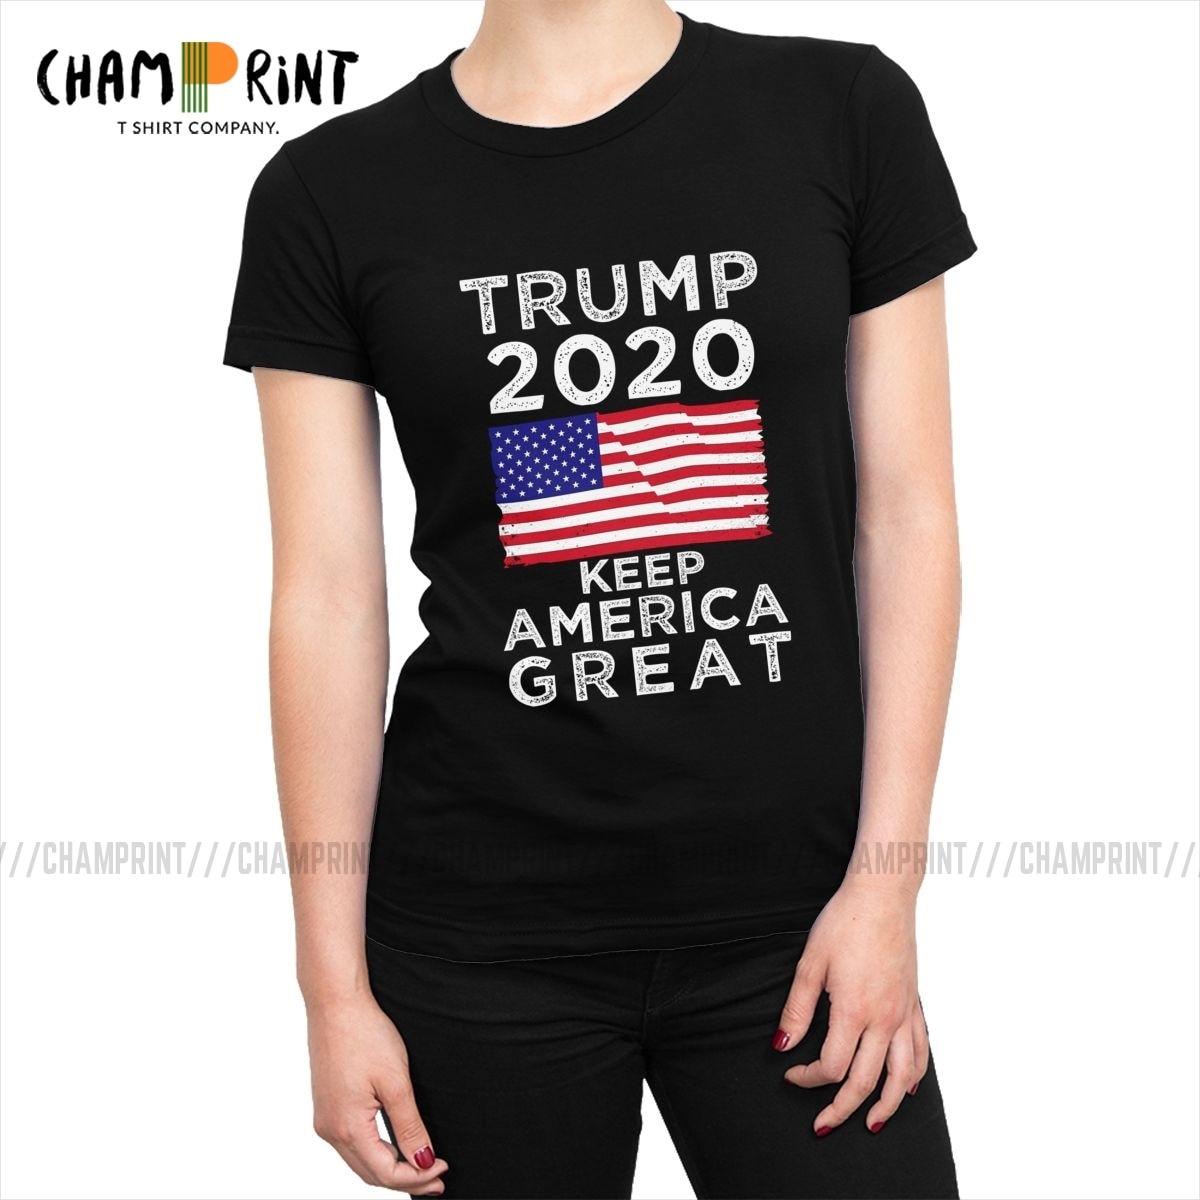 Женская футболка с надписью «Keep America Great», с изображением Трампа 2020, футболки с избирательным тоном и политикой, модная футболка, женские топ...